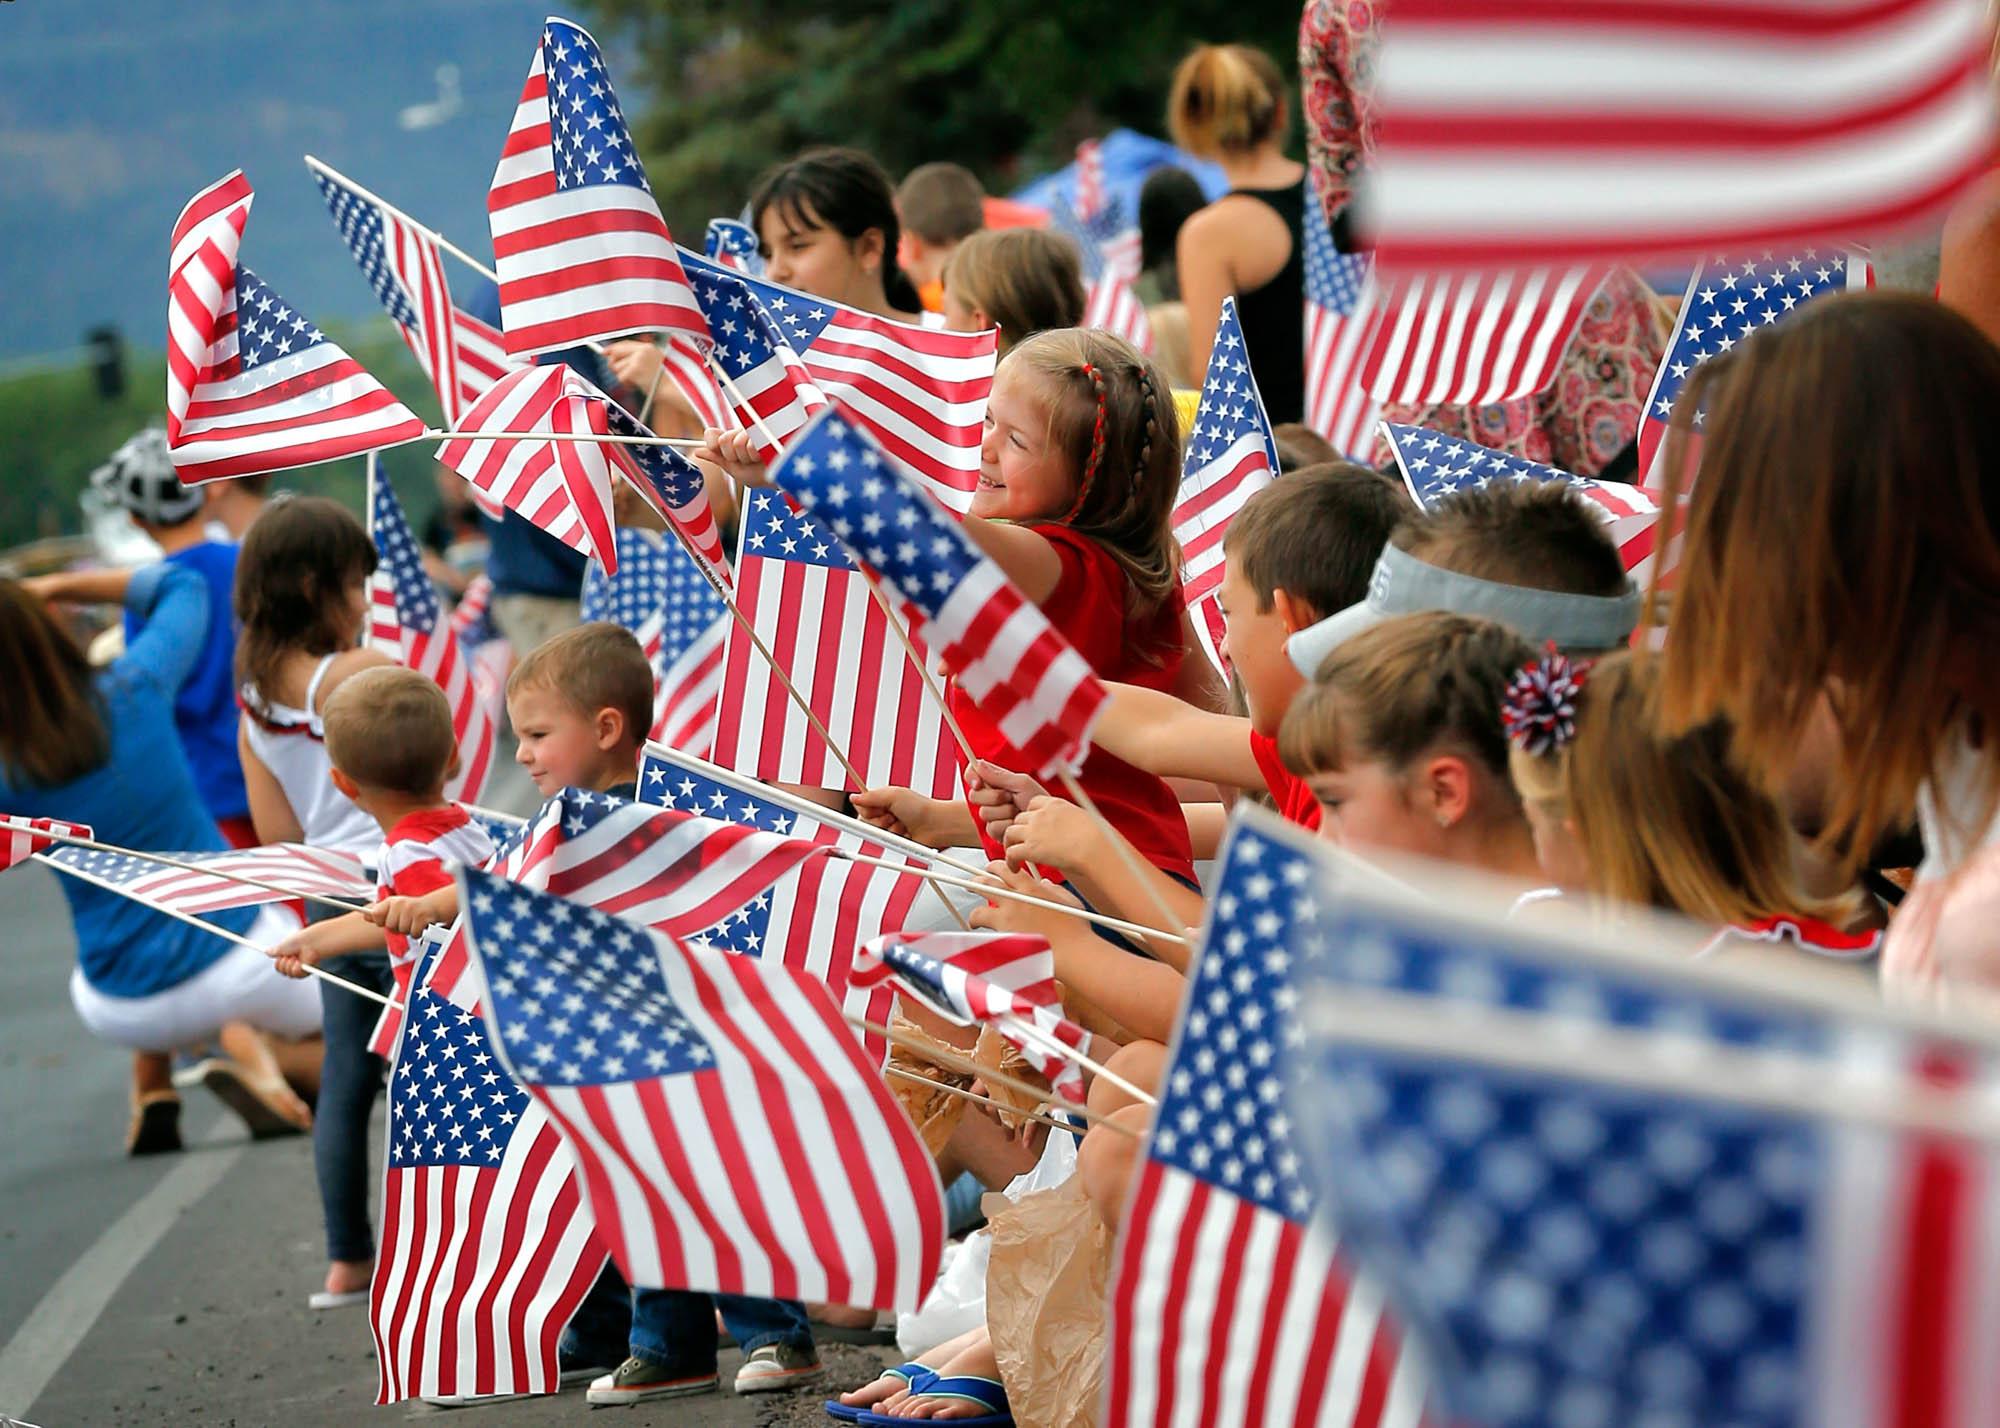 EEUU: Arrestan a niño de 11 años por negarse a honrar a la bandera